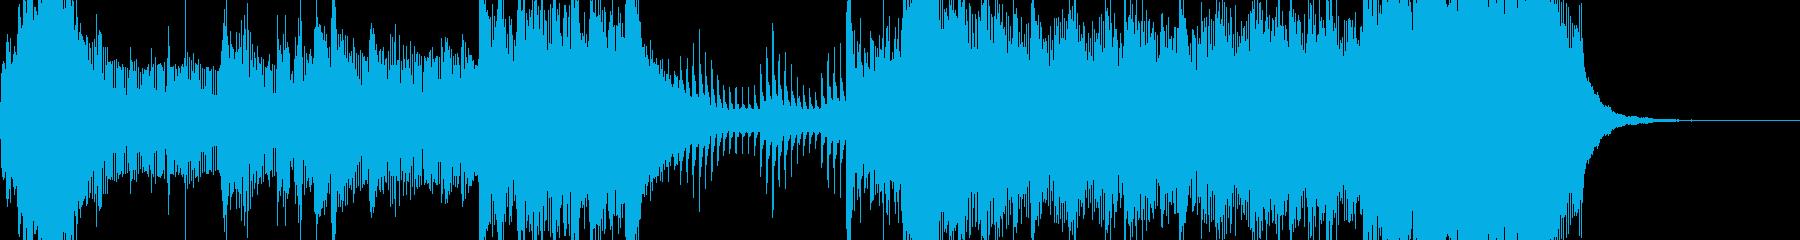 スカリズムによるお洒落なジングルの再生済みの波形